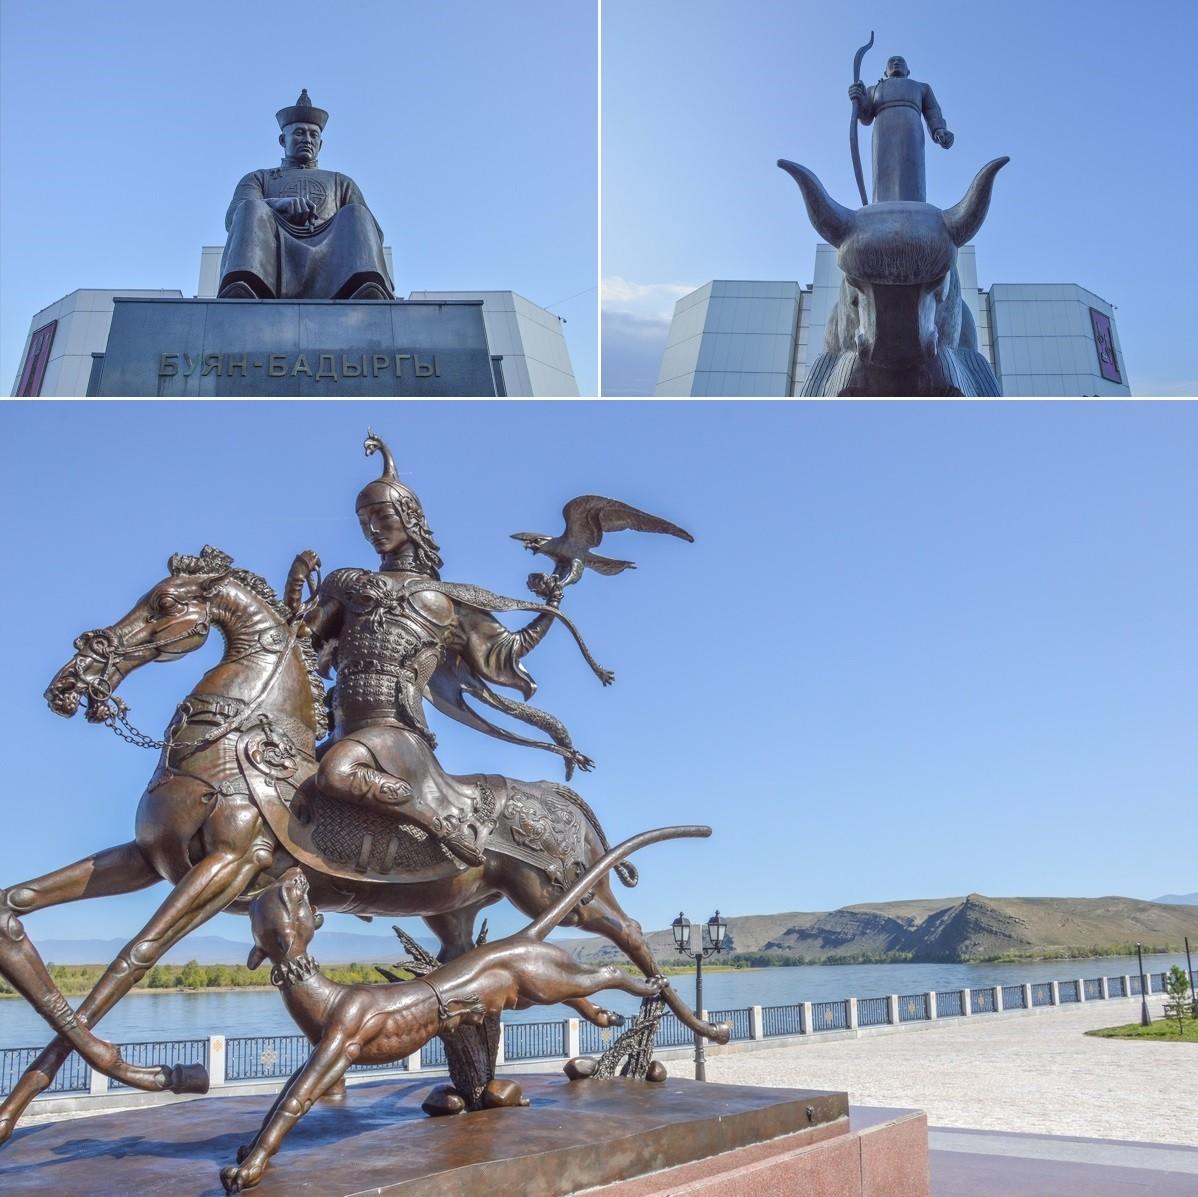 Cette singularité, le Touva la doit à son histoire. Anciennement dominé par les nomades mongols, placé sous égide impériale chinoise de 1758 à 1912, et intégré à l'Empire russe, il a également connu l'indépendance, sous le nom de Tannou-Touva (1921-1944), avant d'être finalement rattaché à l'URSS.